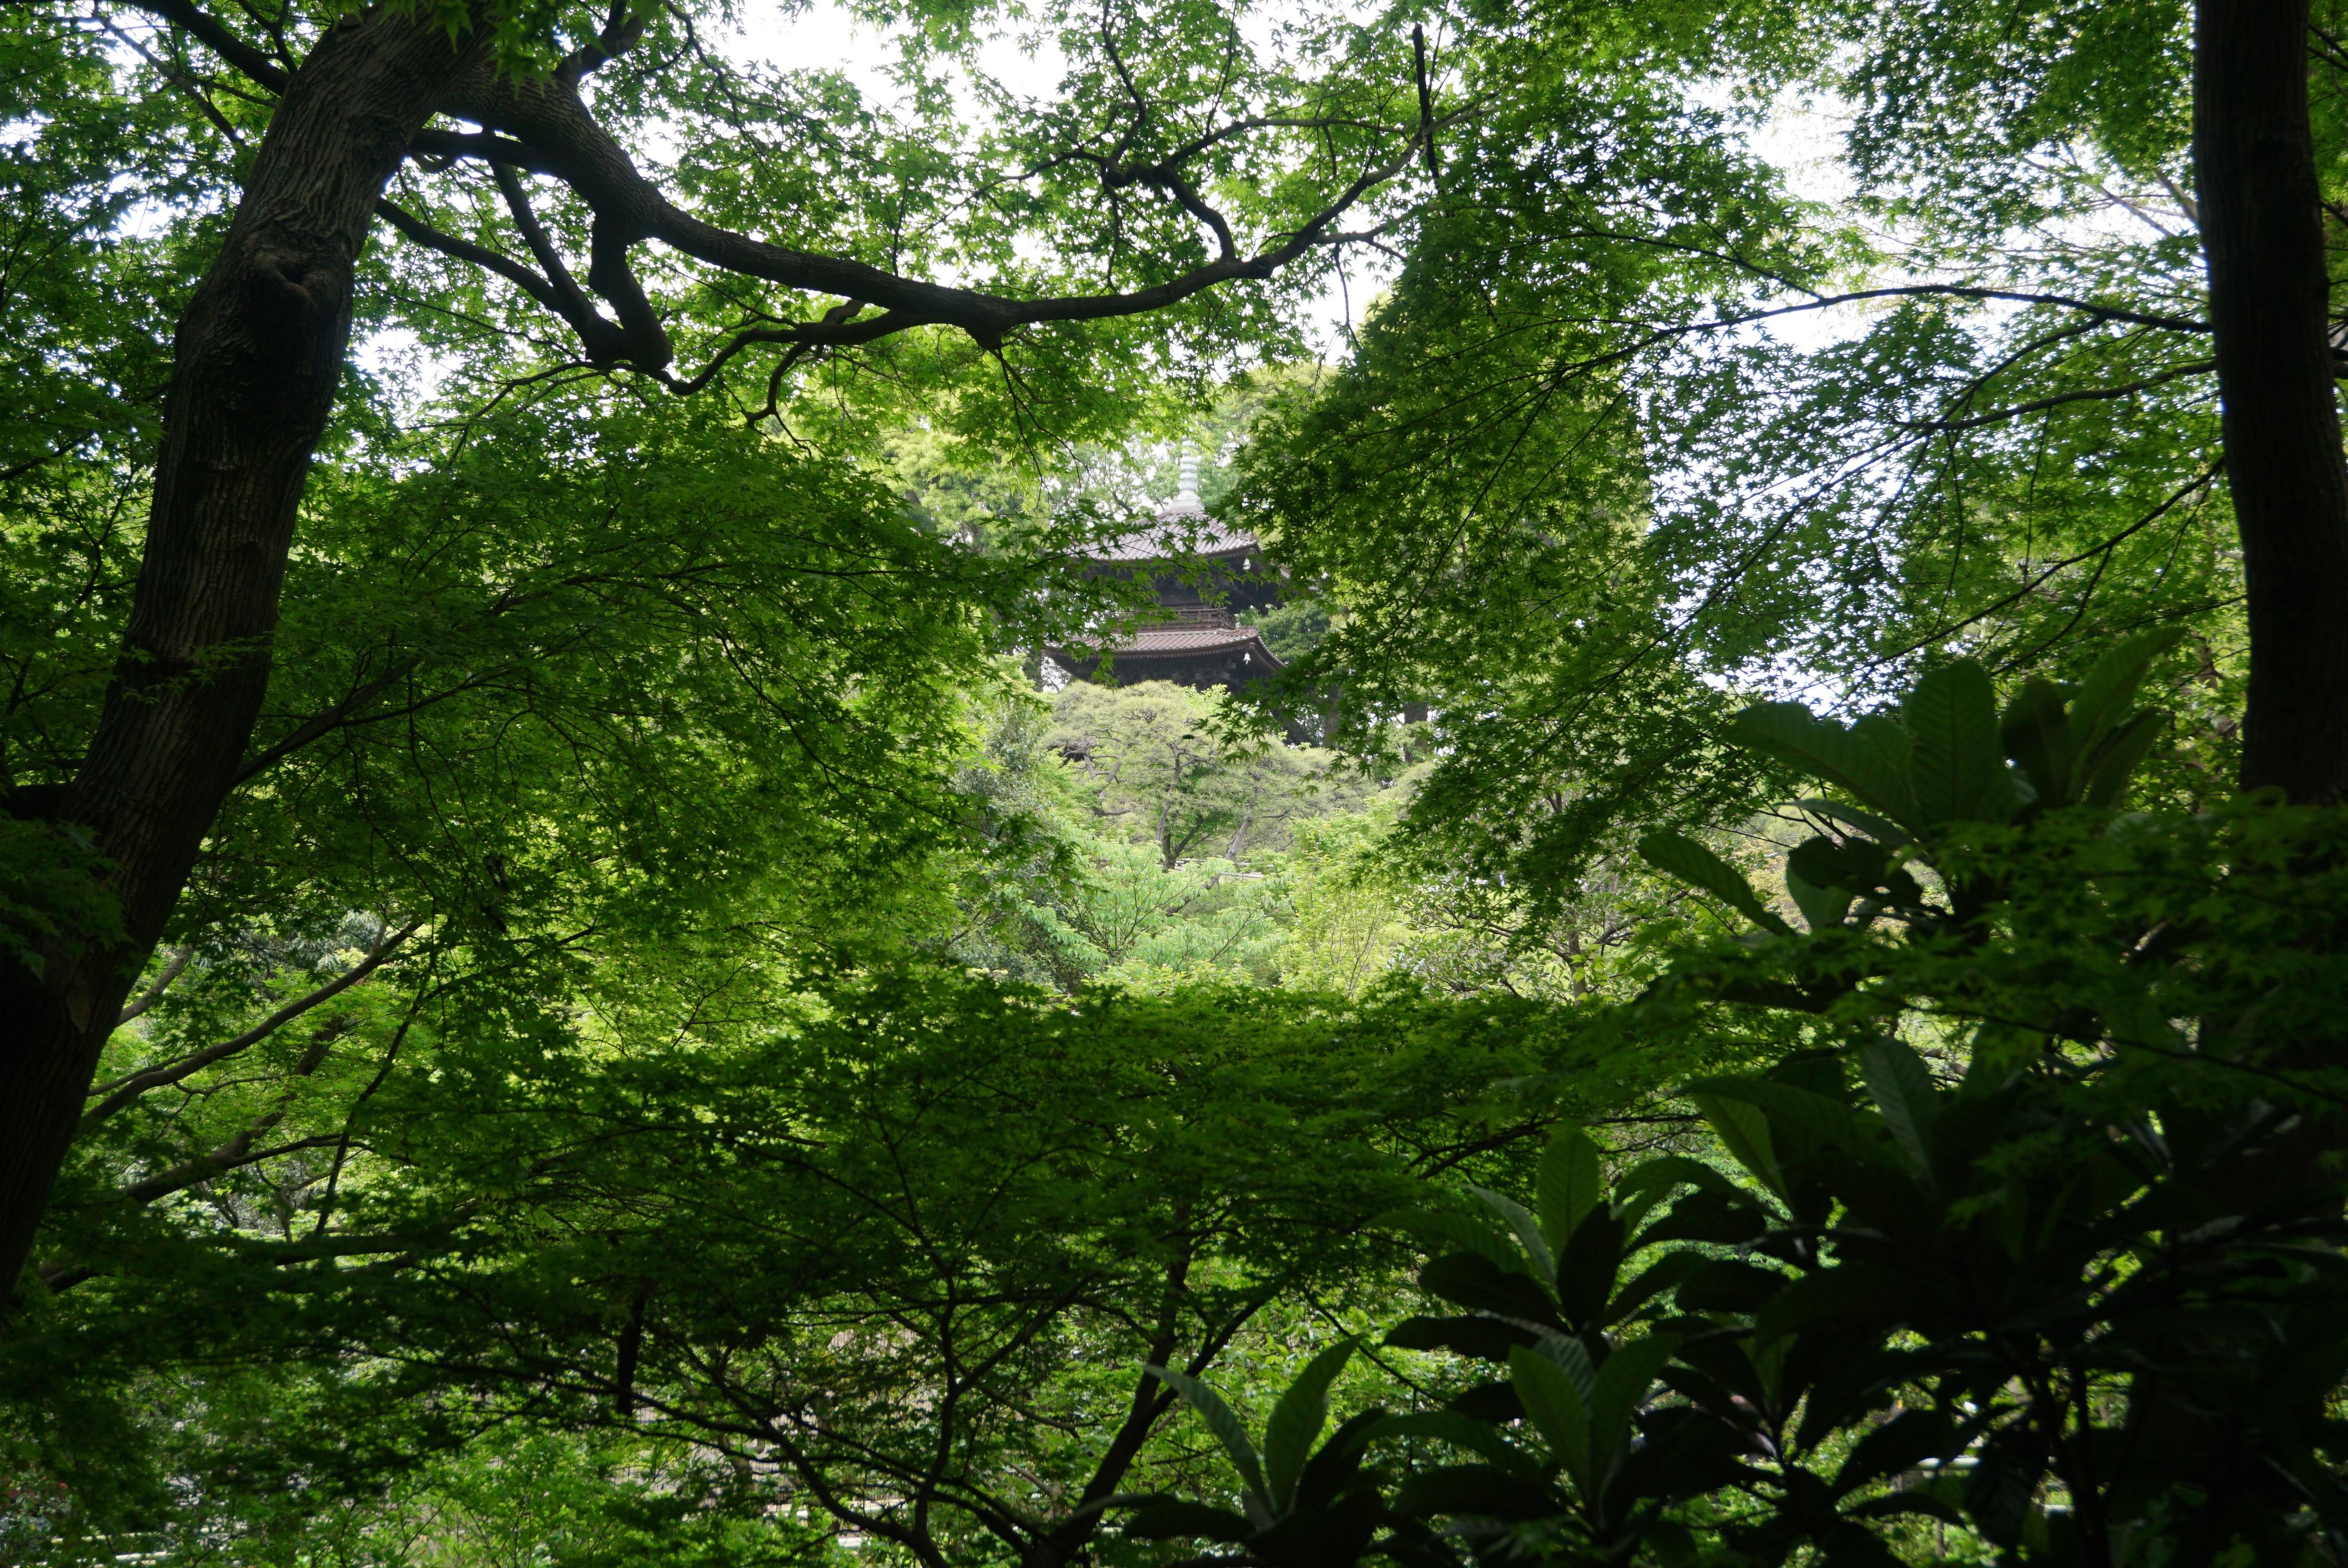 Garden View of Pagoda